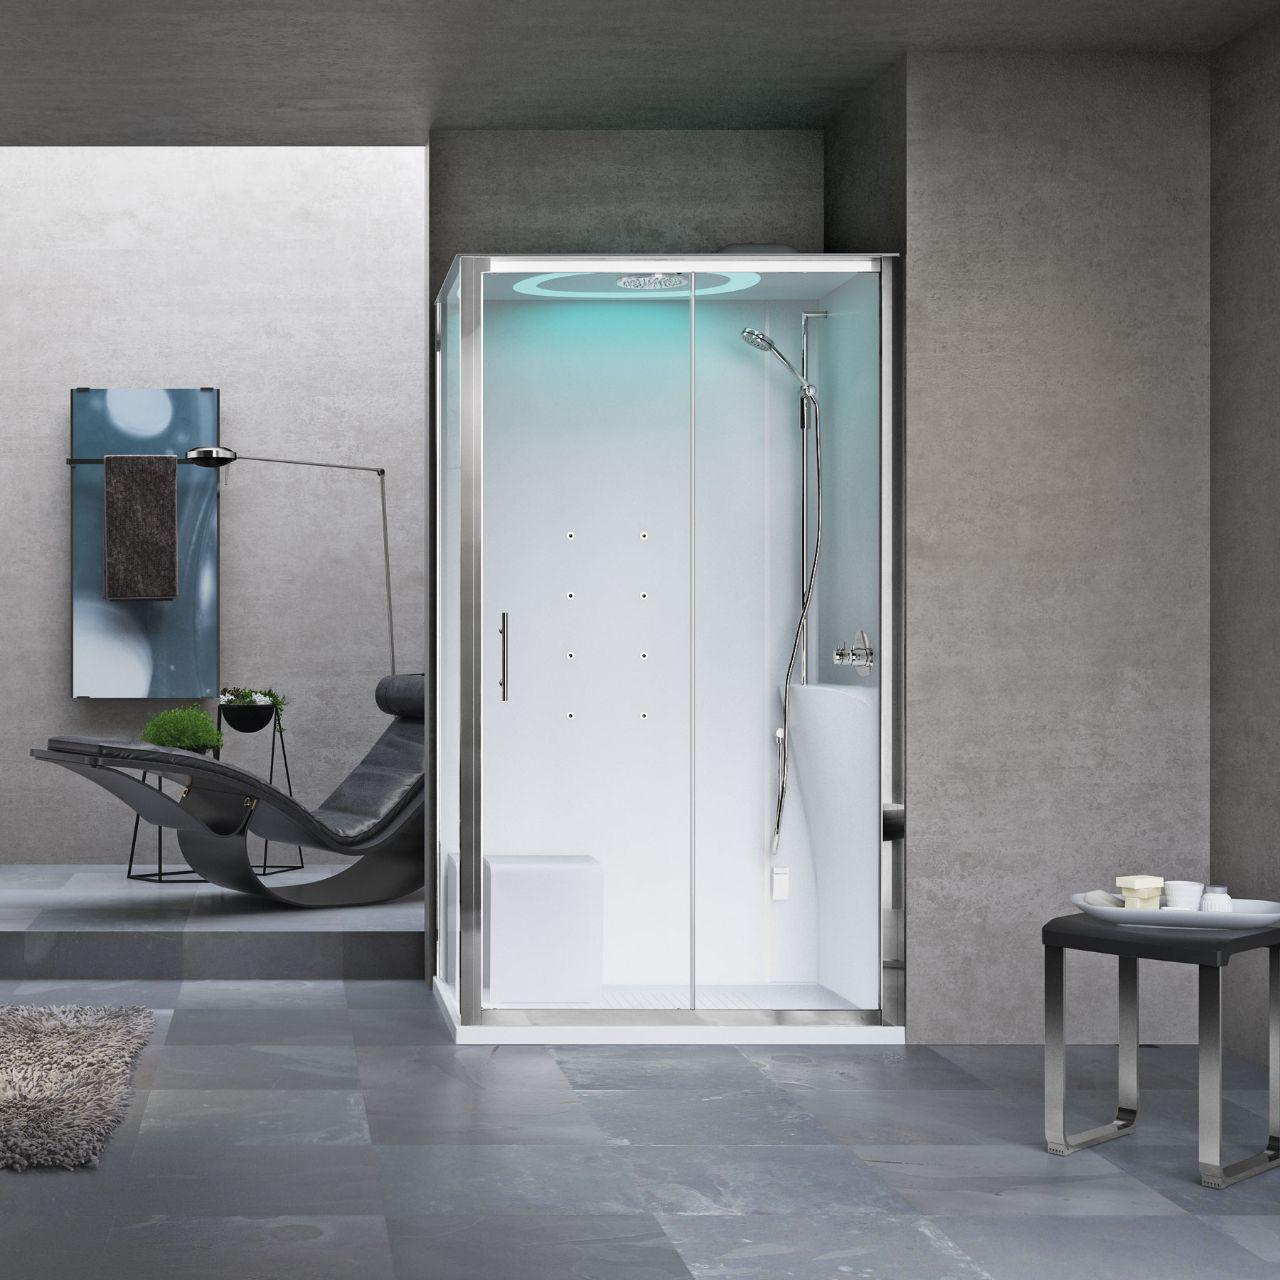 Scheda tecnica eon novellini confortevole soggiorno nella casa - Cabine doccia novellini ...